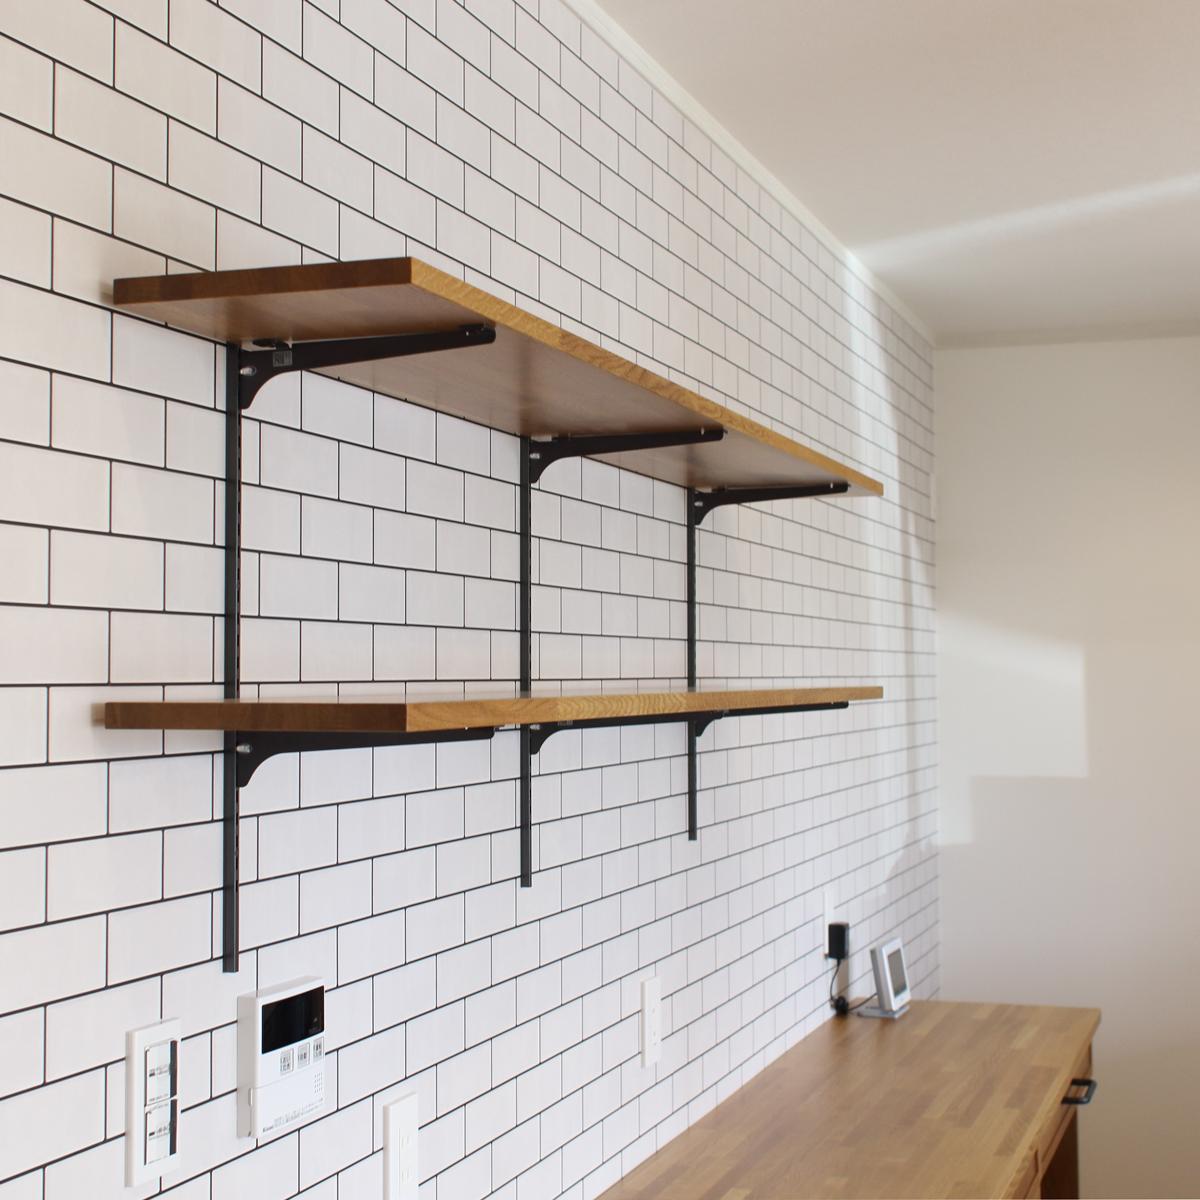 ナラ材棚キッチンカウンター